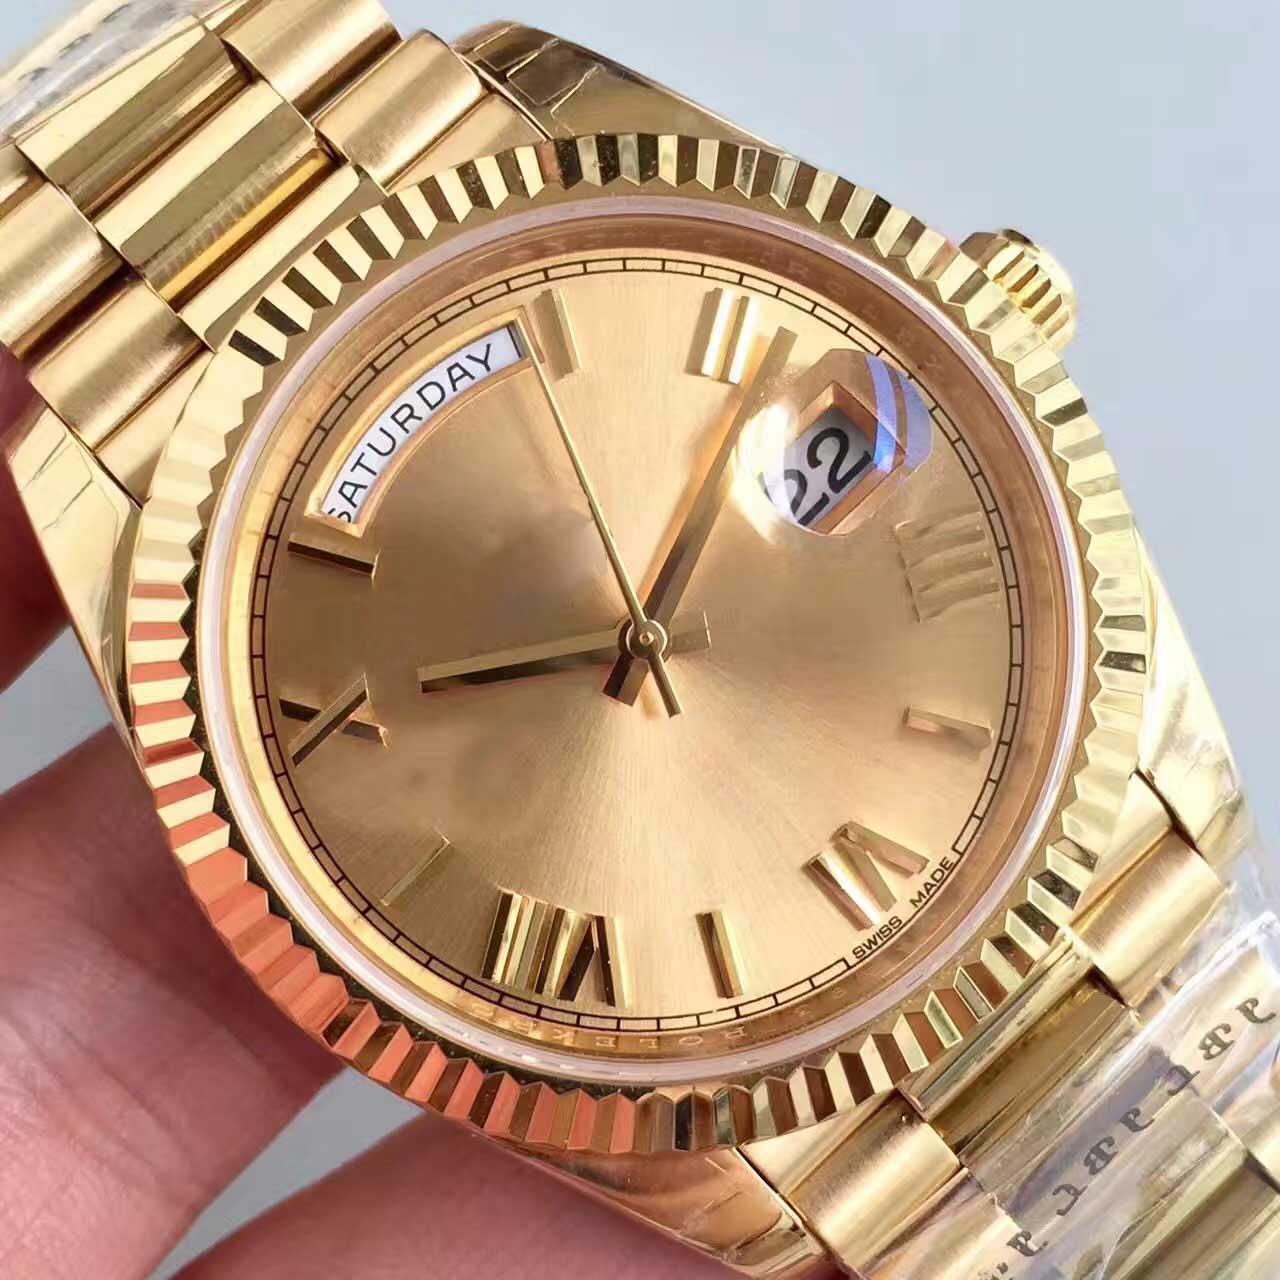 높은 품질 도매 명품 남성 시계 DAY 날짜 기계 글라이드 부드러운 40MM의 royaloaks는 스테인레스 스틸 베젤 스트랩 손목 시계를보고